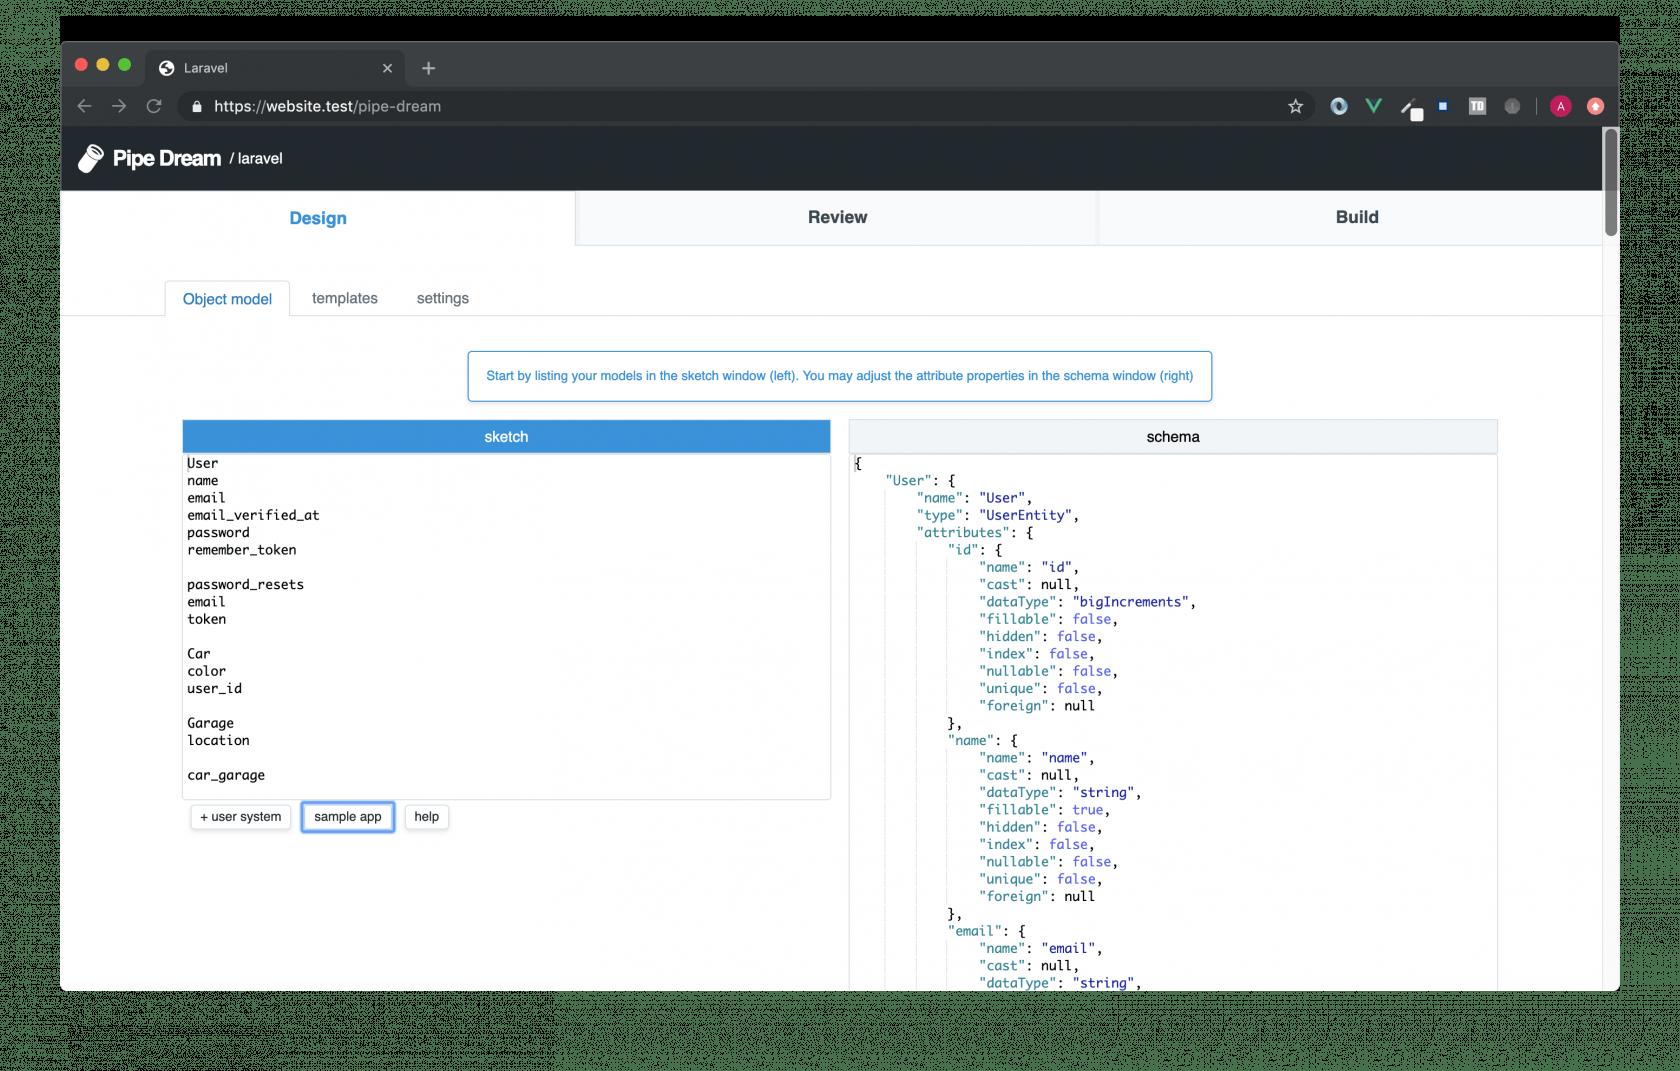 使用 Laravel Pipe Dream 快速构建Laravel基础应用